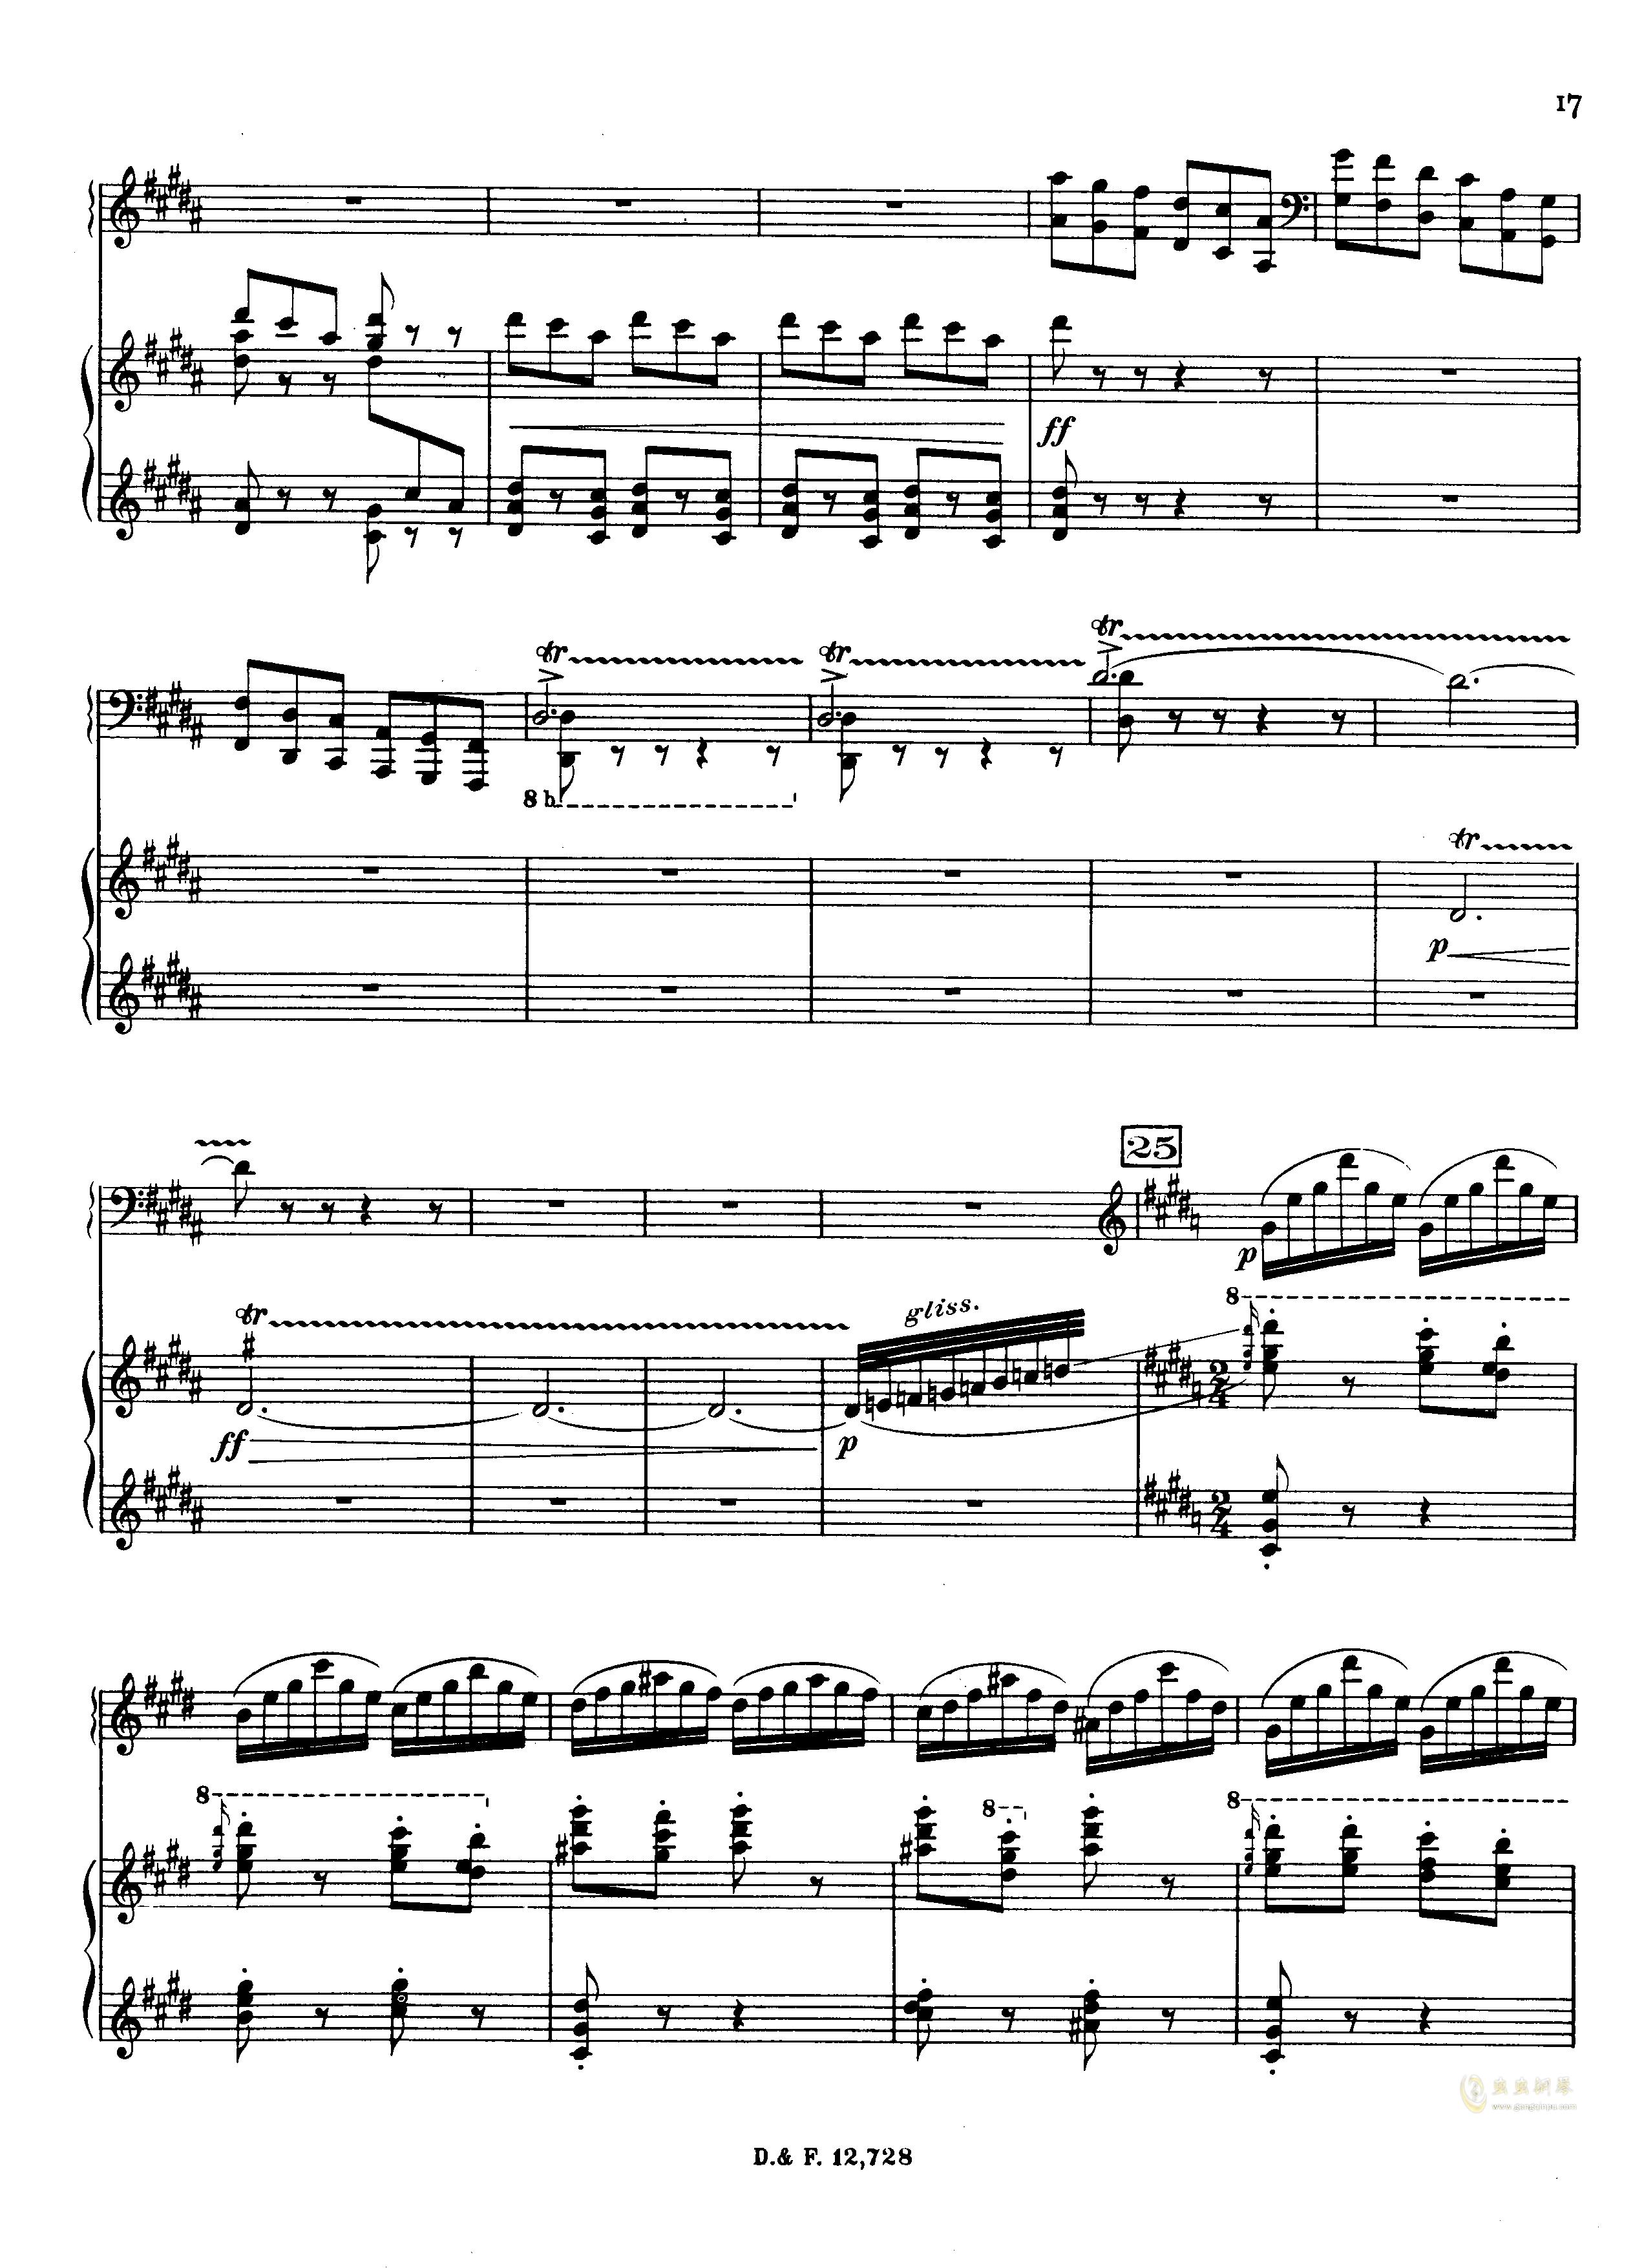 左手钢琴协奏曲钢琴谱 第17页